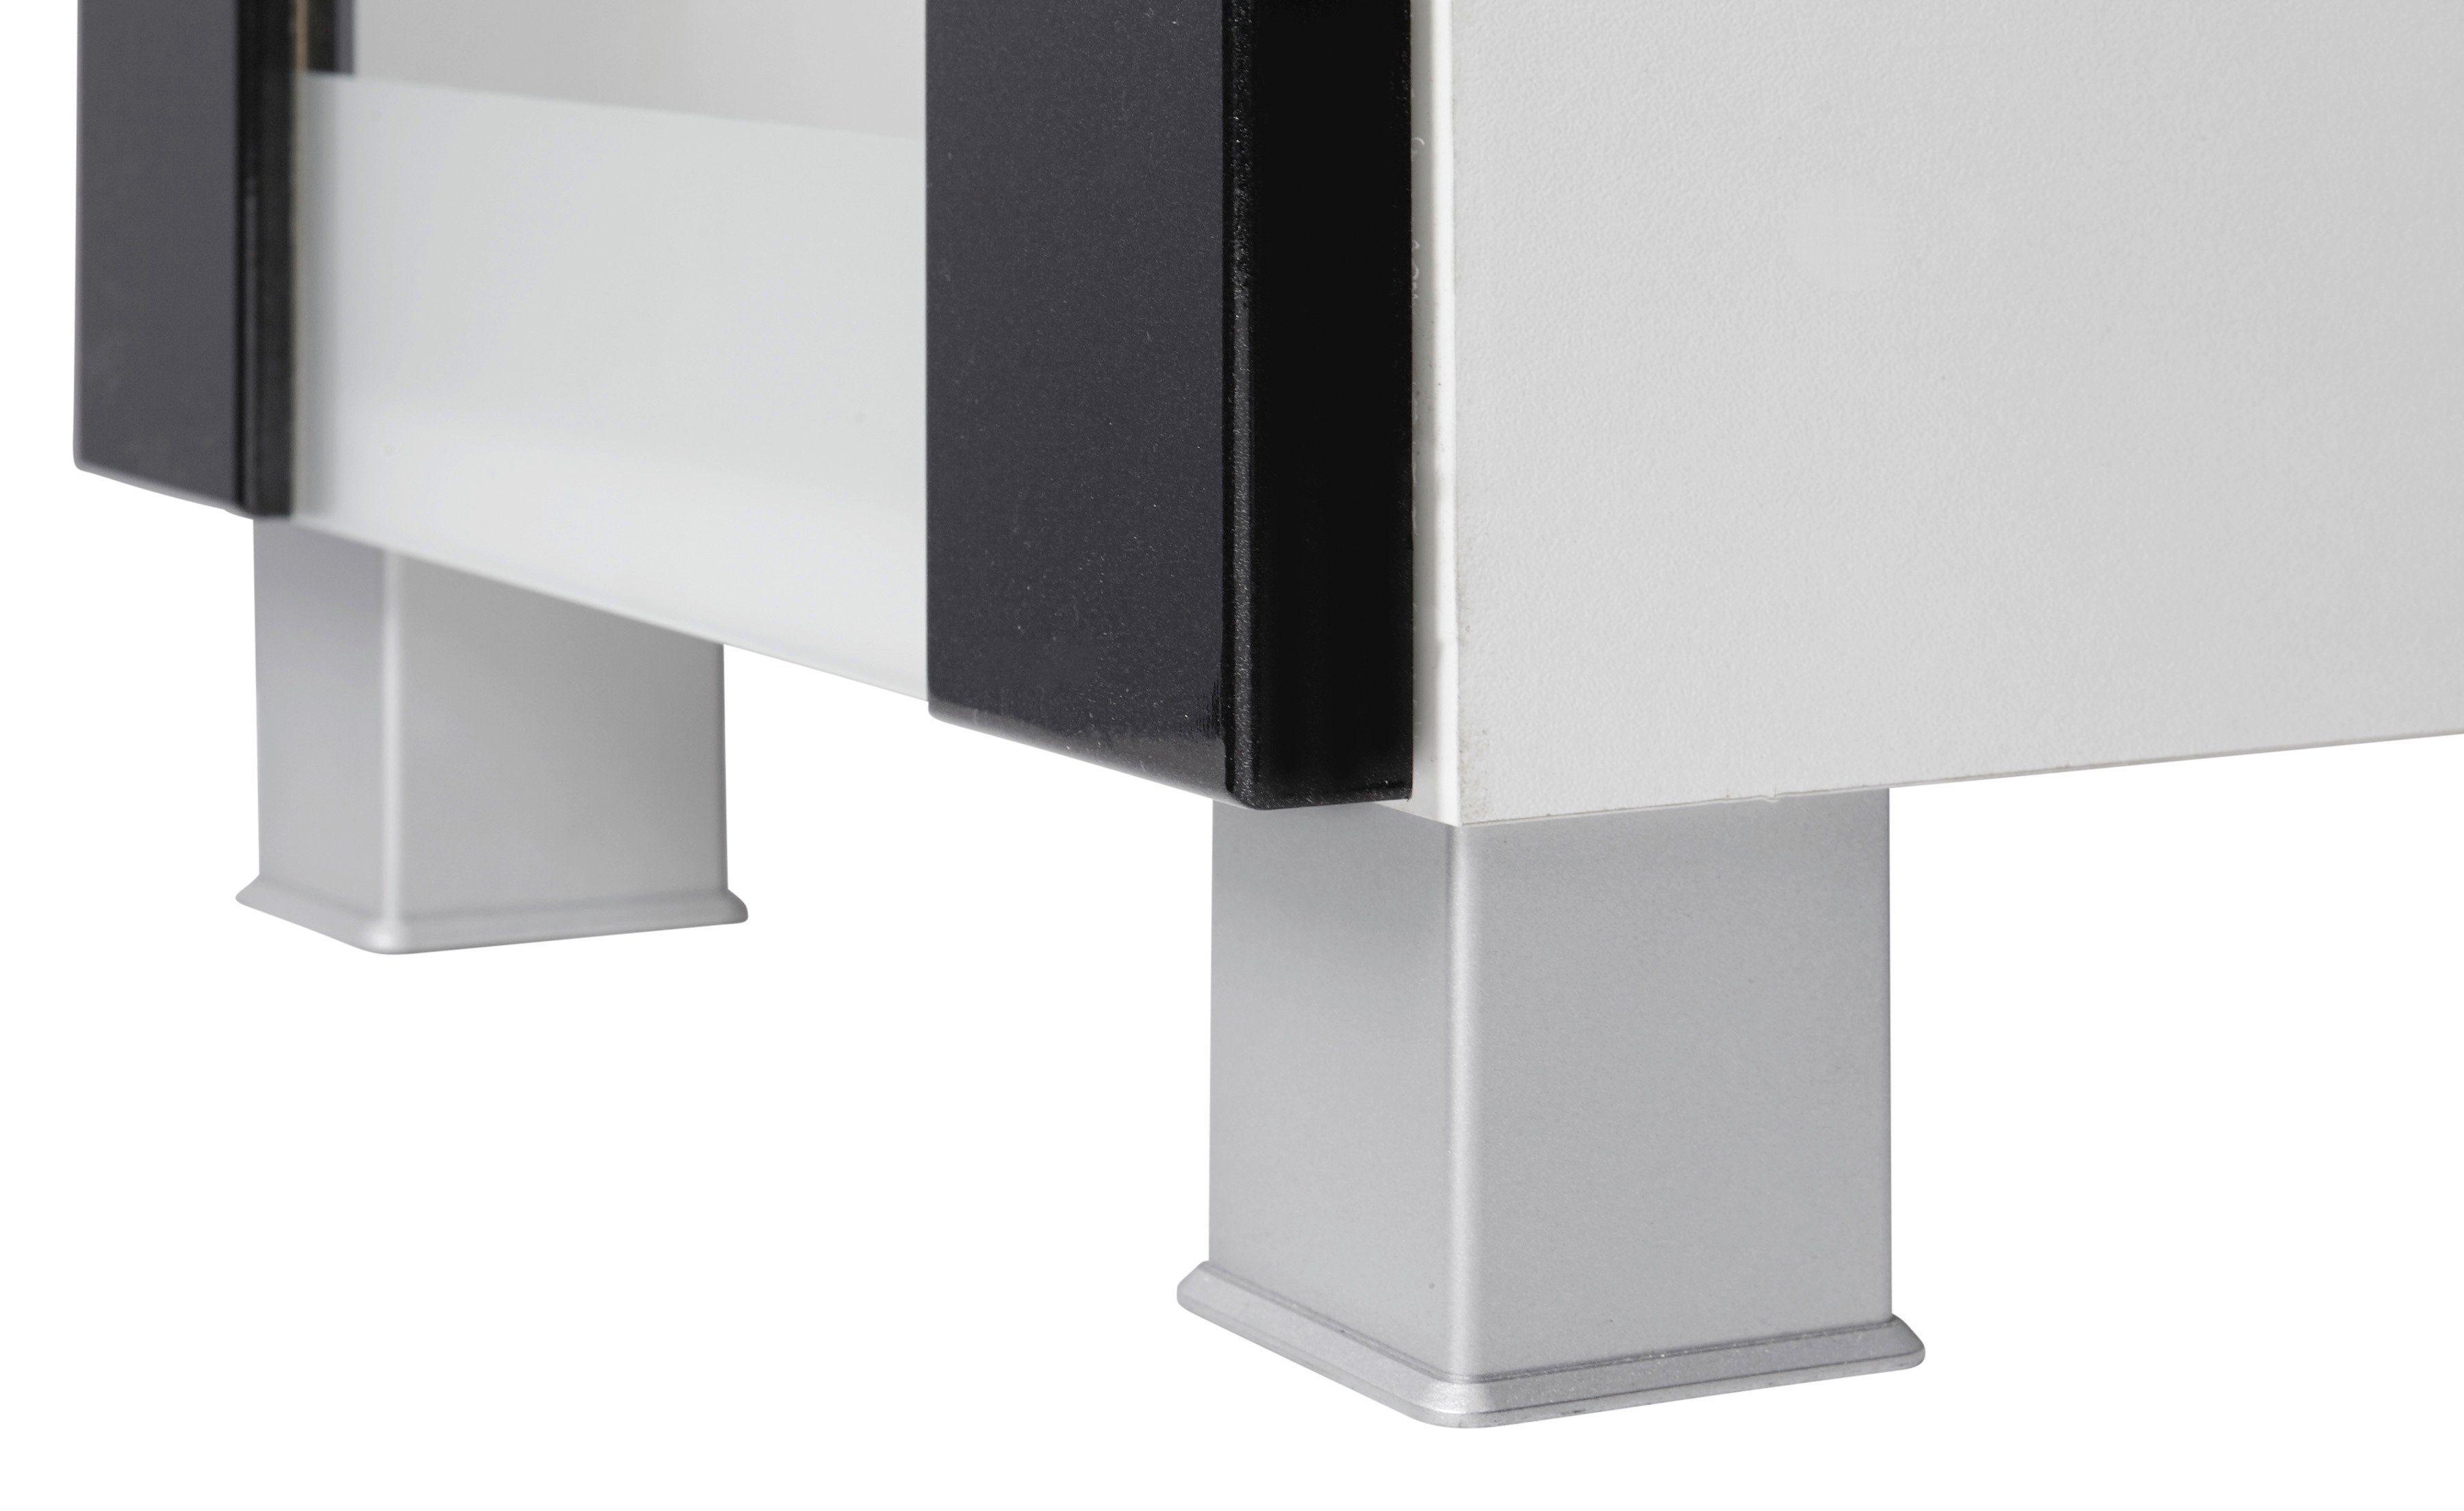 Ikea kast badkamer simple brusali ikea hoge kast wit with ikea